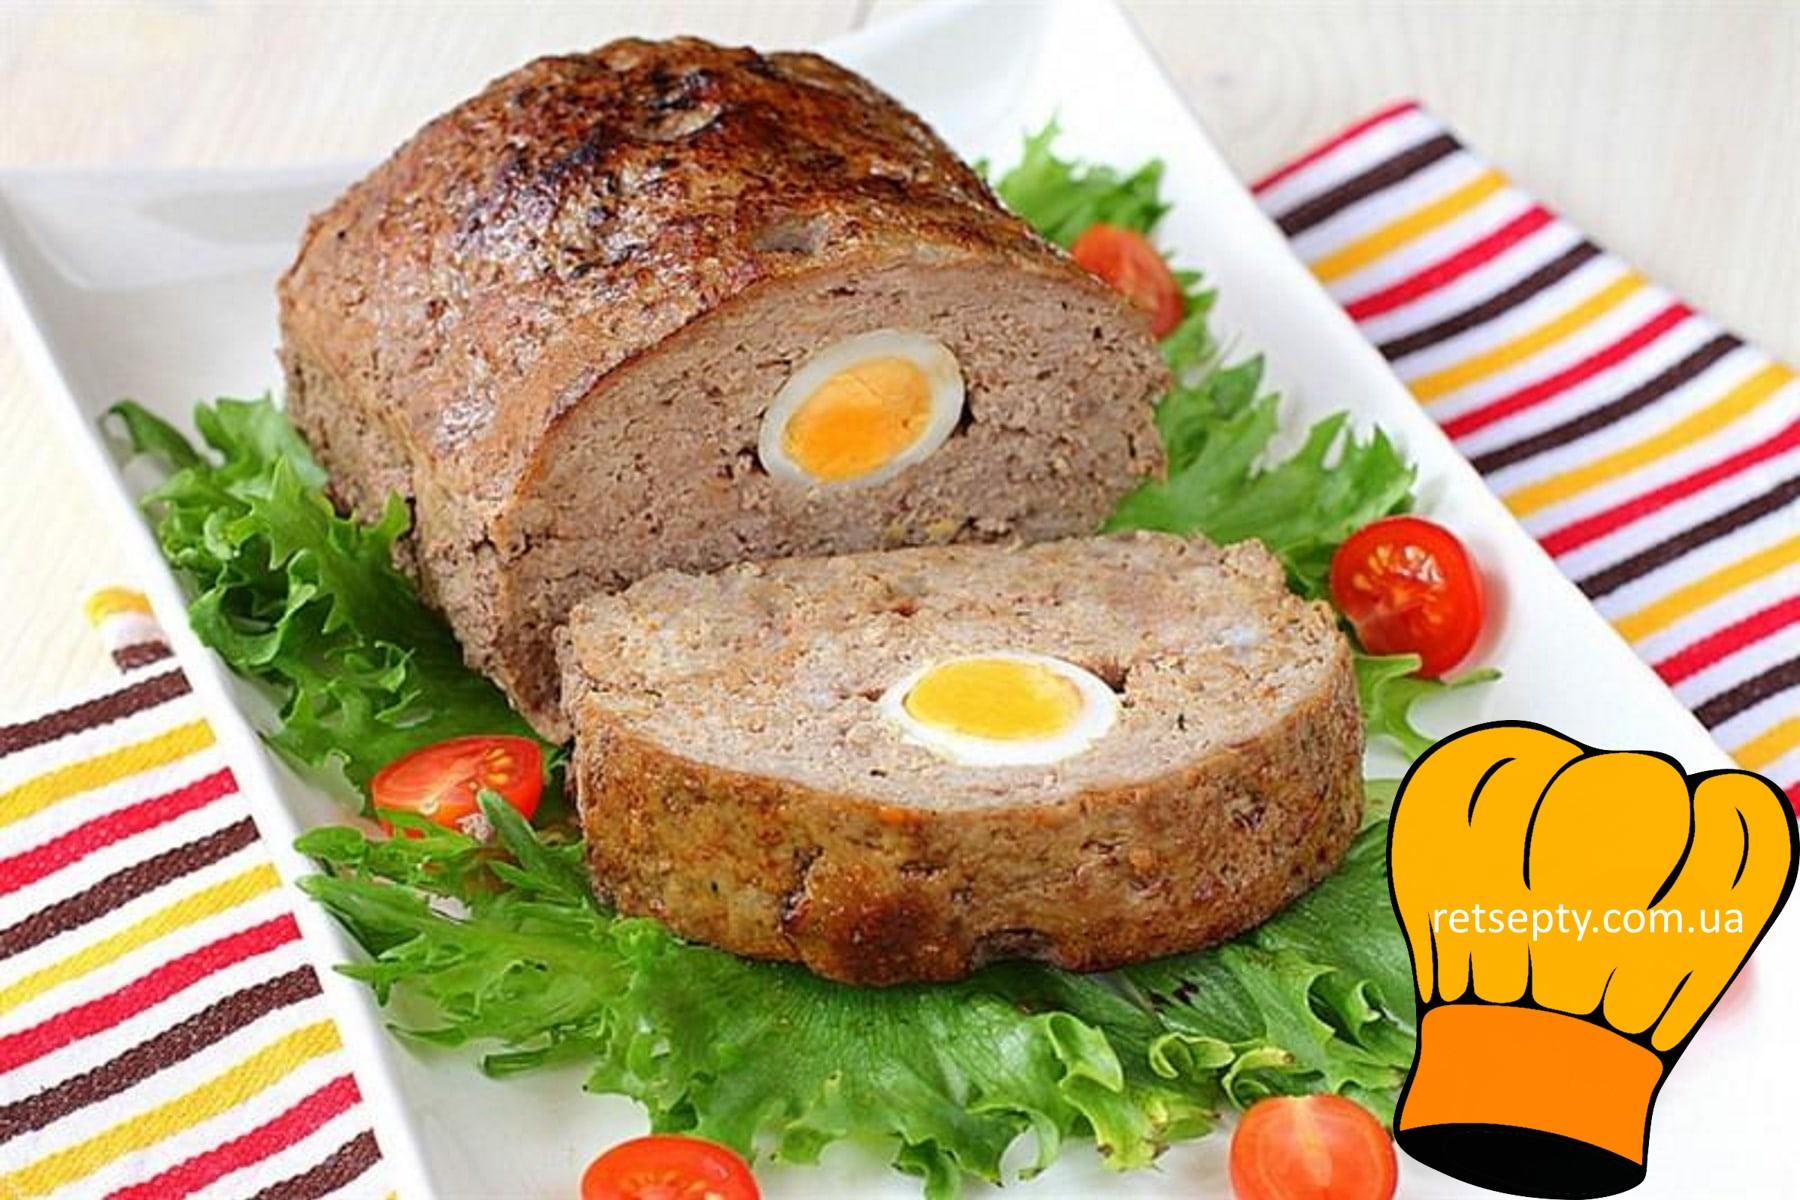 М'ясний рулет з яйцем і морською капустою